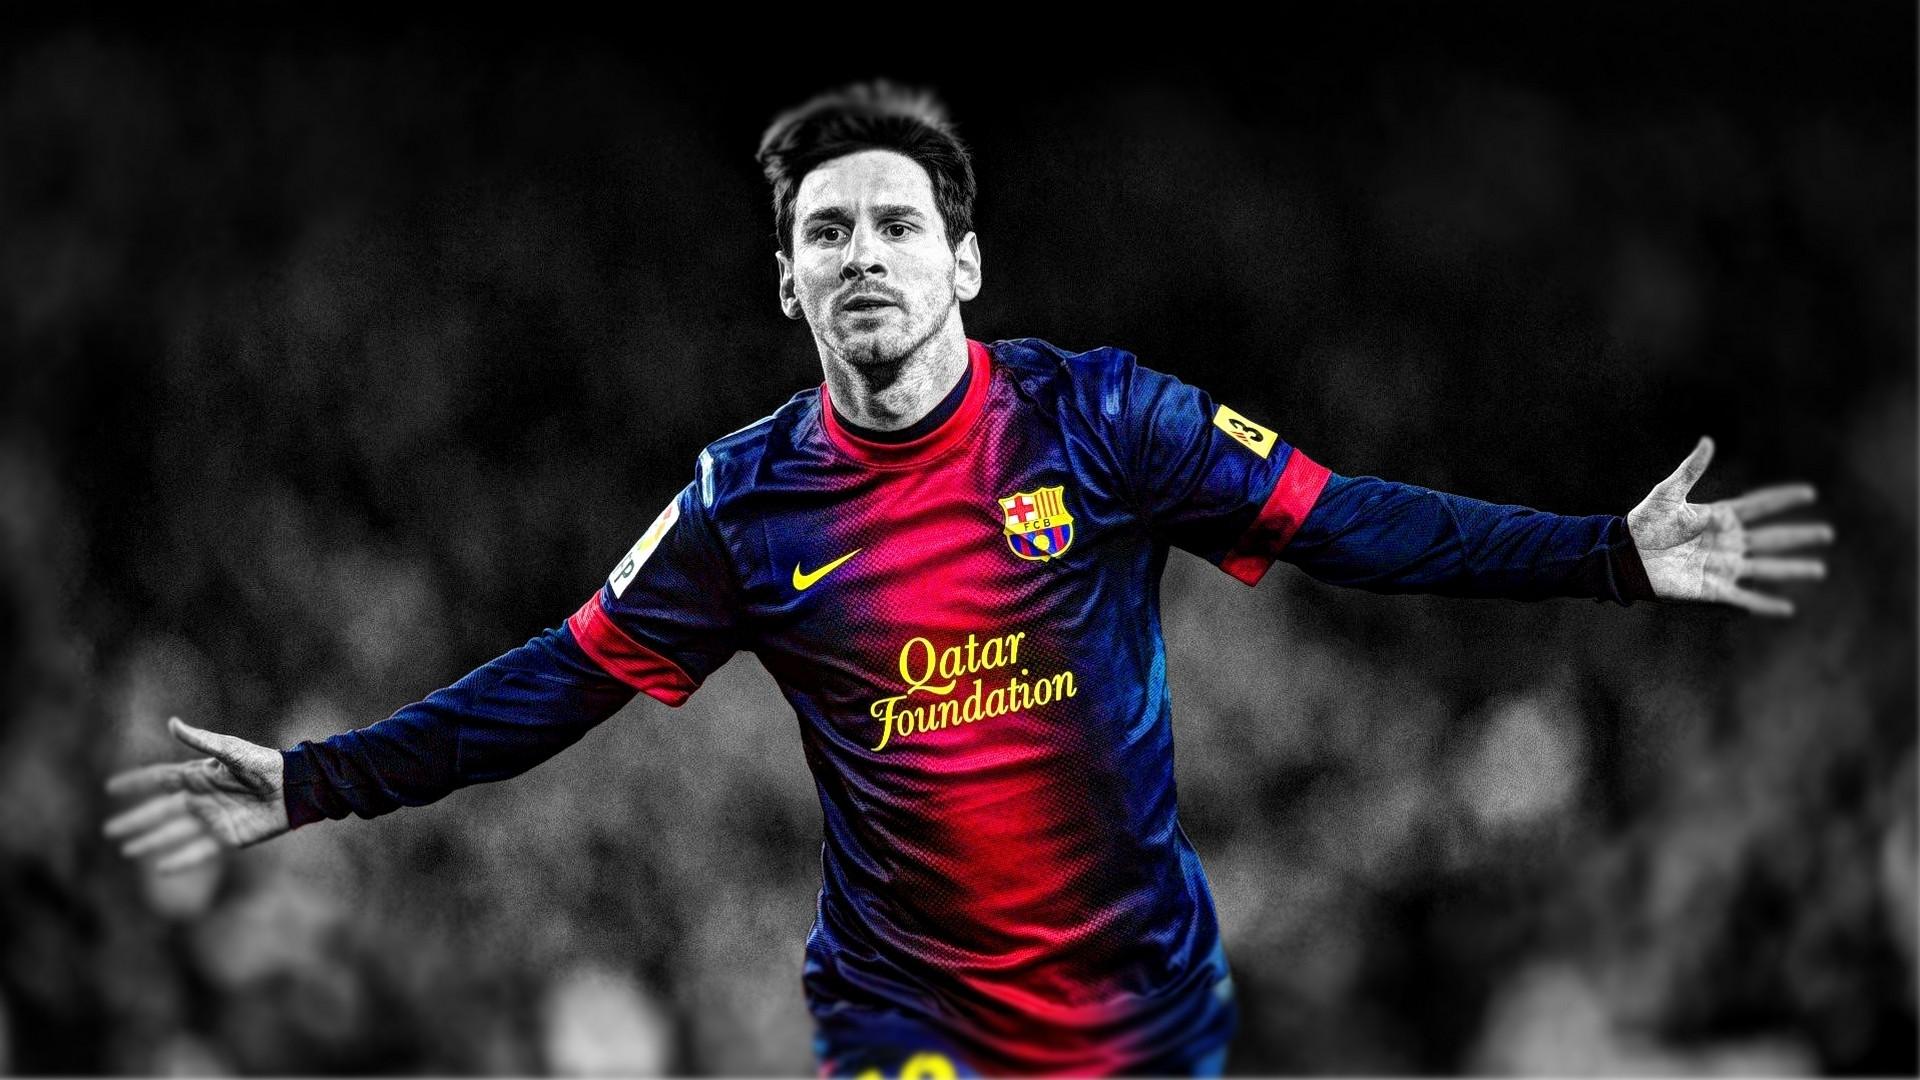 Messi Wallpaper 2014 3d 7